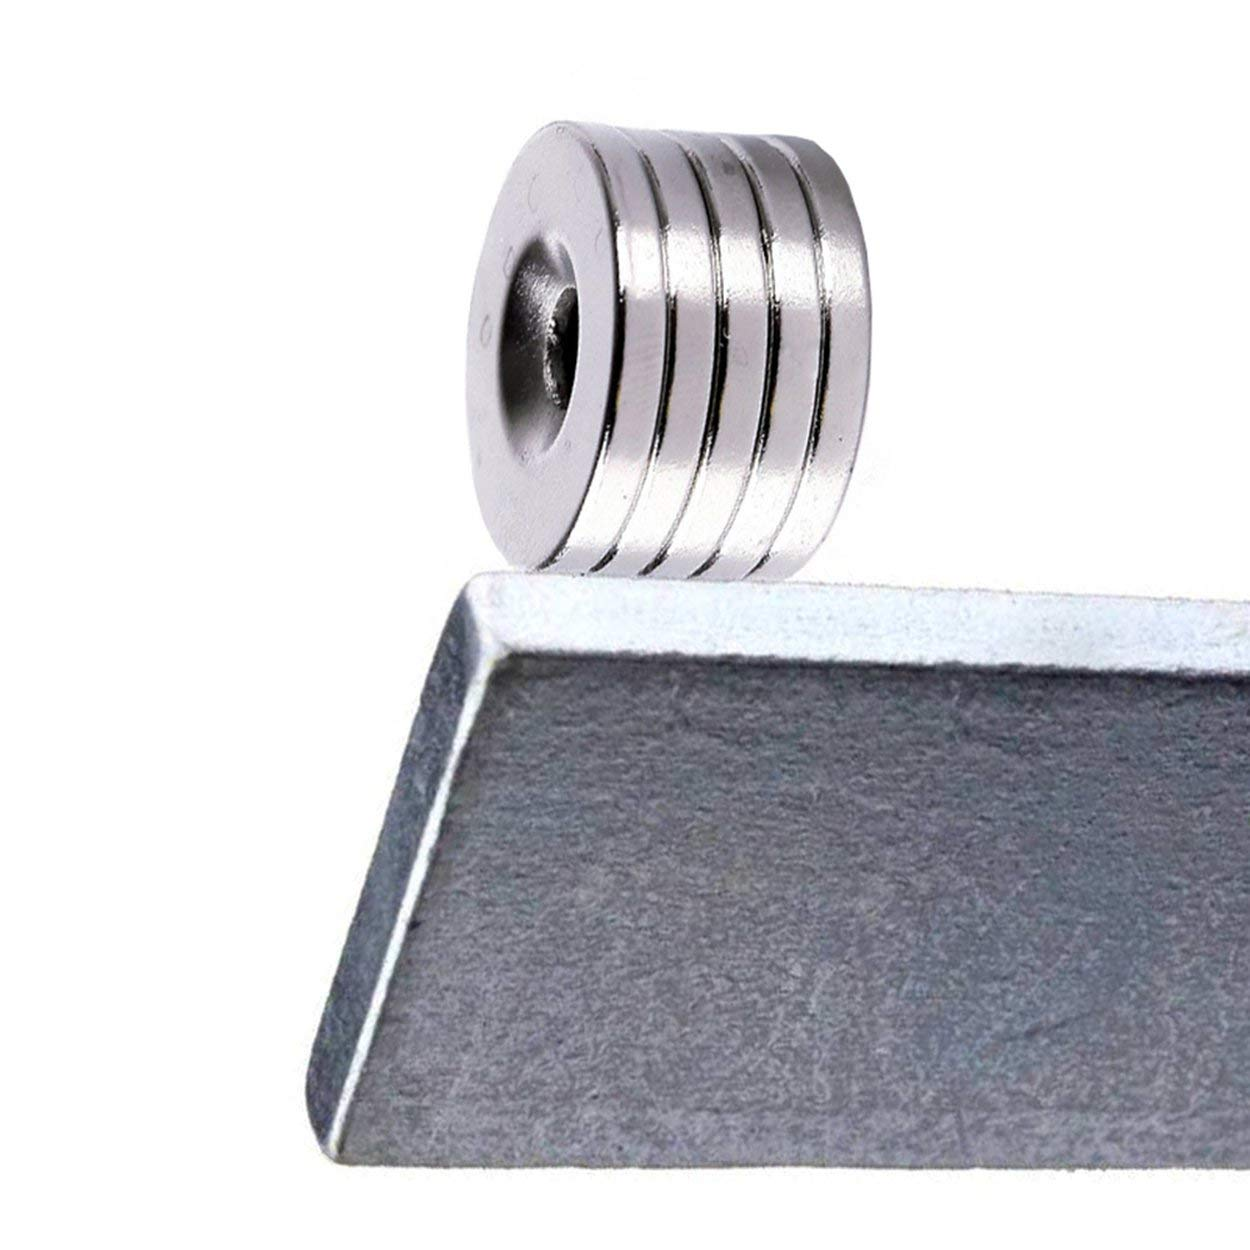 Lorenlli 5 Unids//Set N52 Imanes de Disco Im/án Magn/ético de Tierras Raras de Neodimio 20x3mm Bloque Magn/ético con Di/ámetro de Agujero 5mm